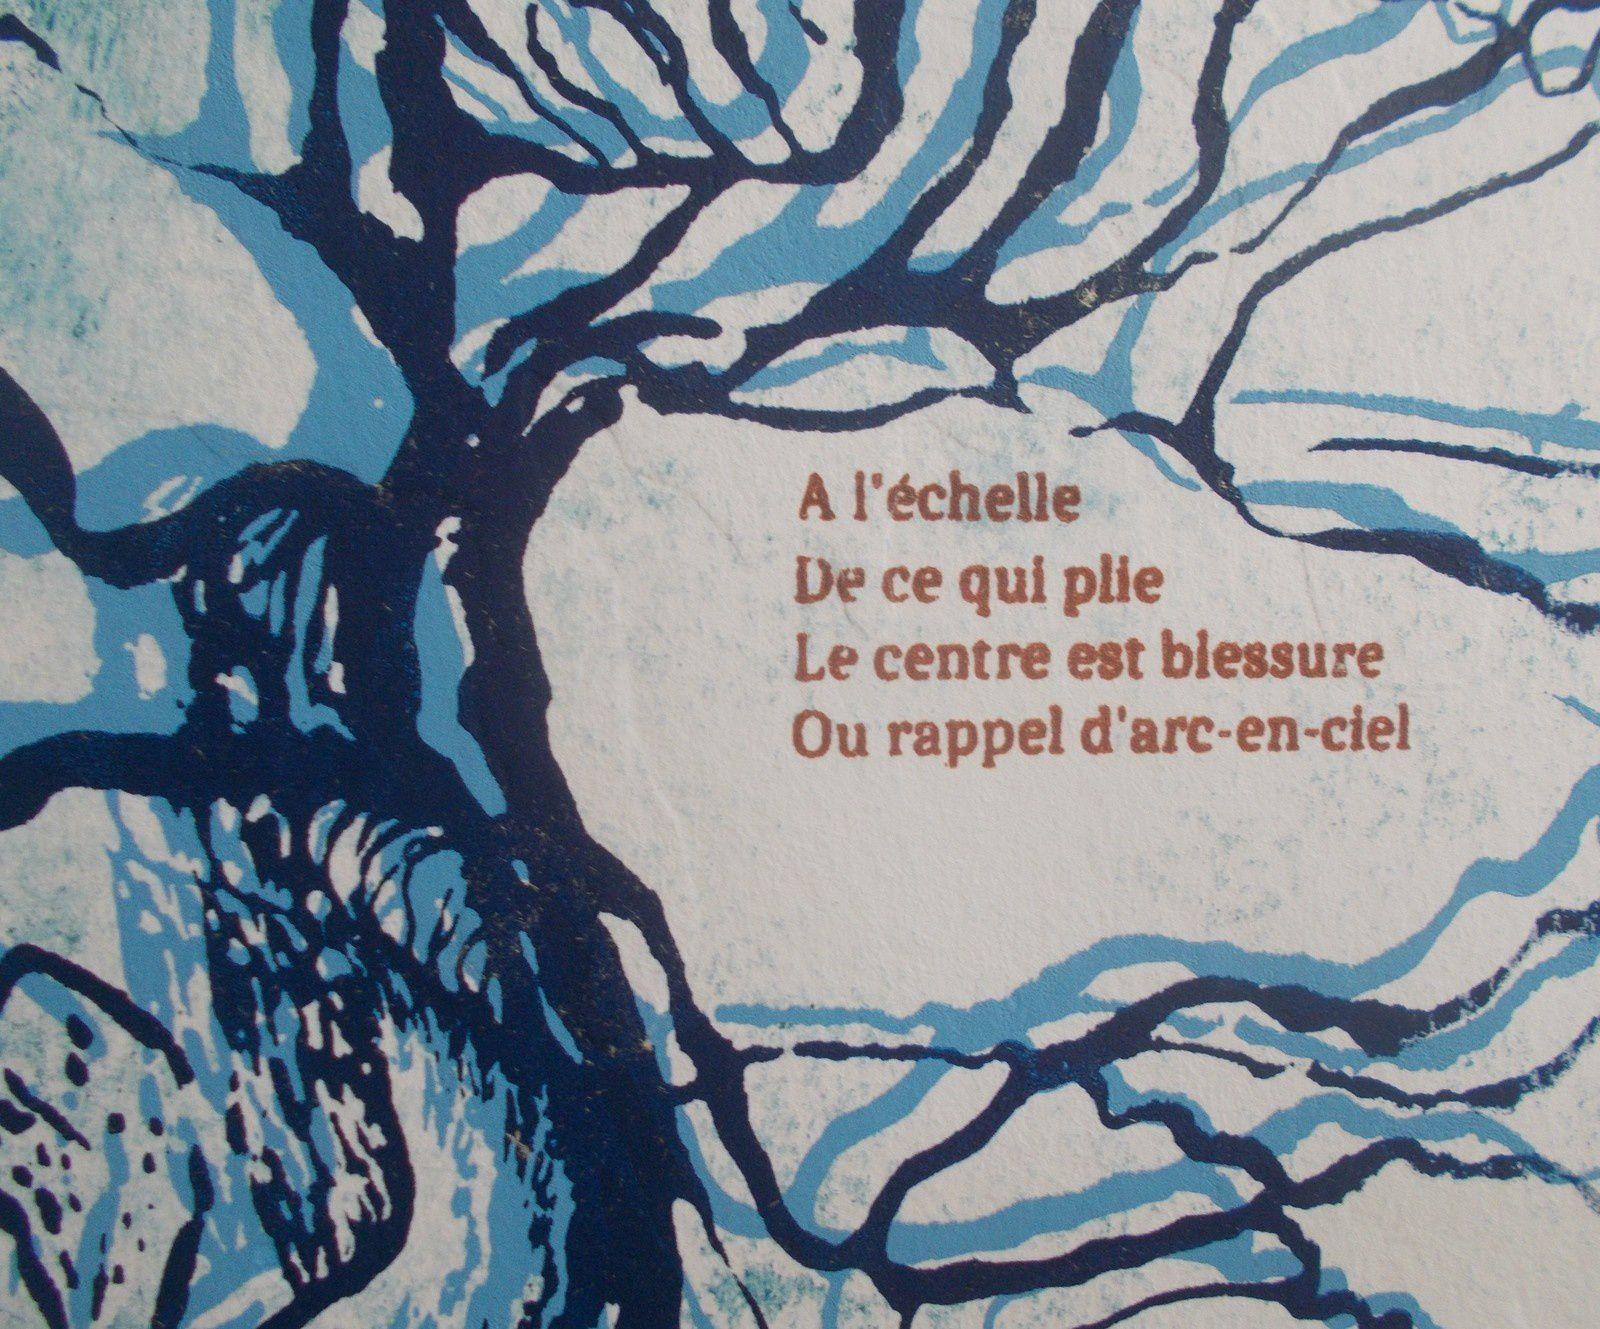 CARTE IMAGINAIRE/CARTE REELLE ( essai au recto). Poèmes de Régis Roux/ Dessins d'Elise Dartmour; 2019.